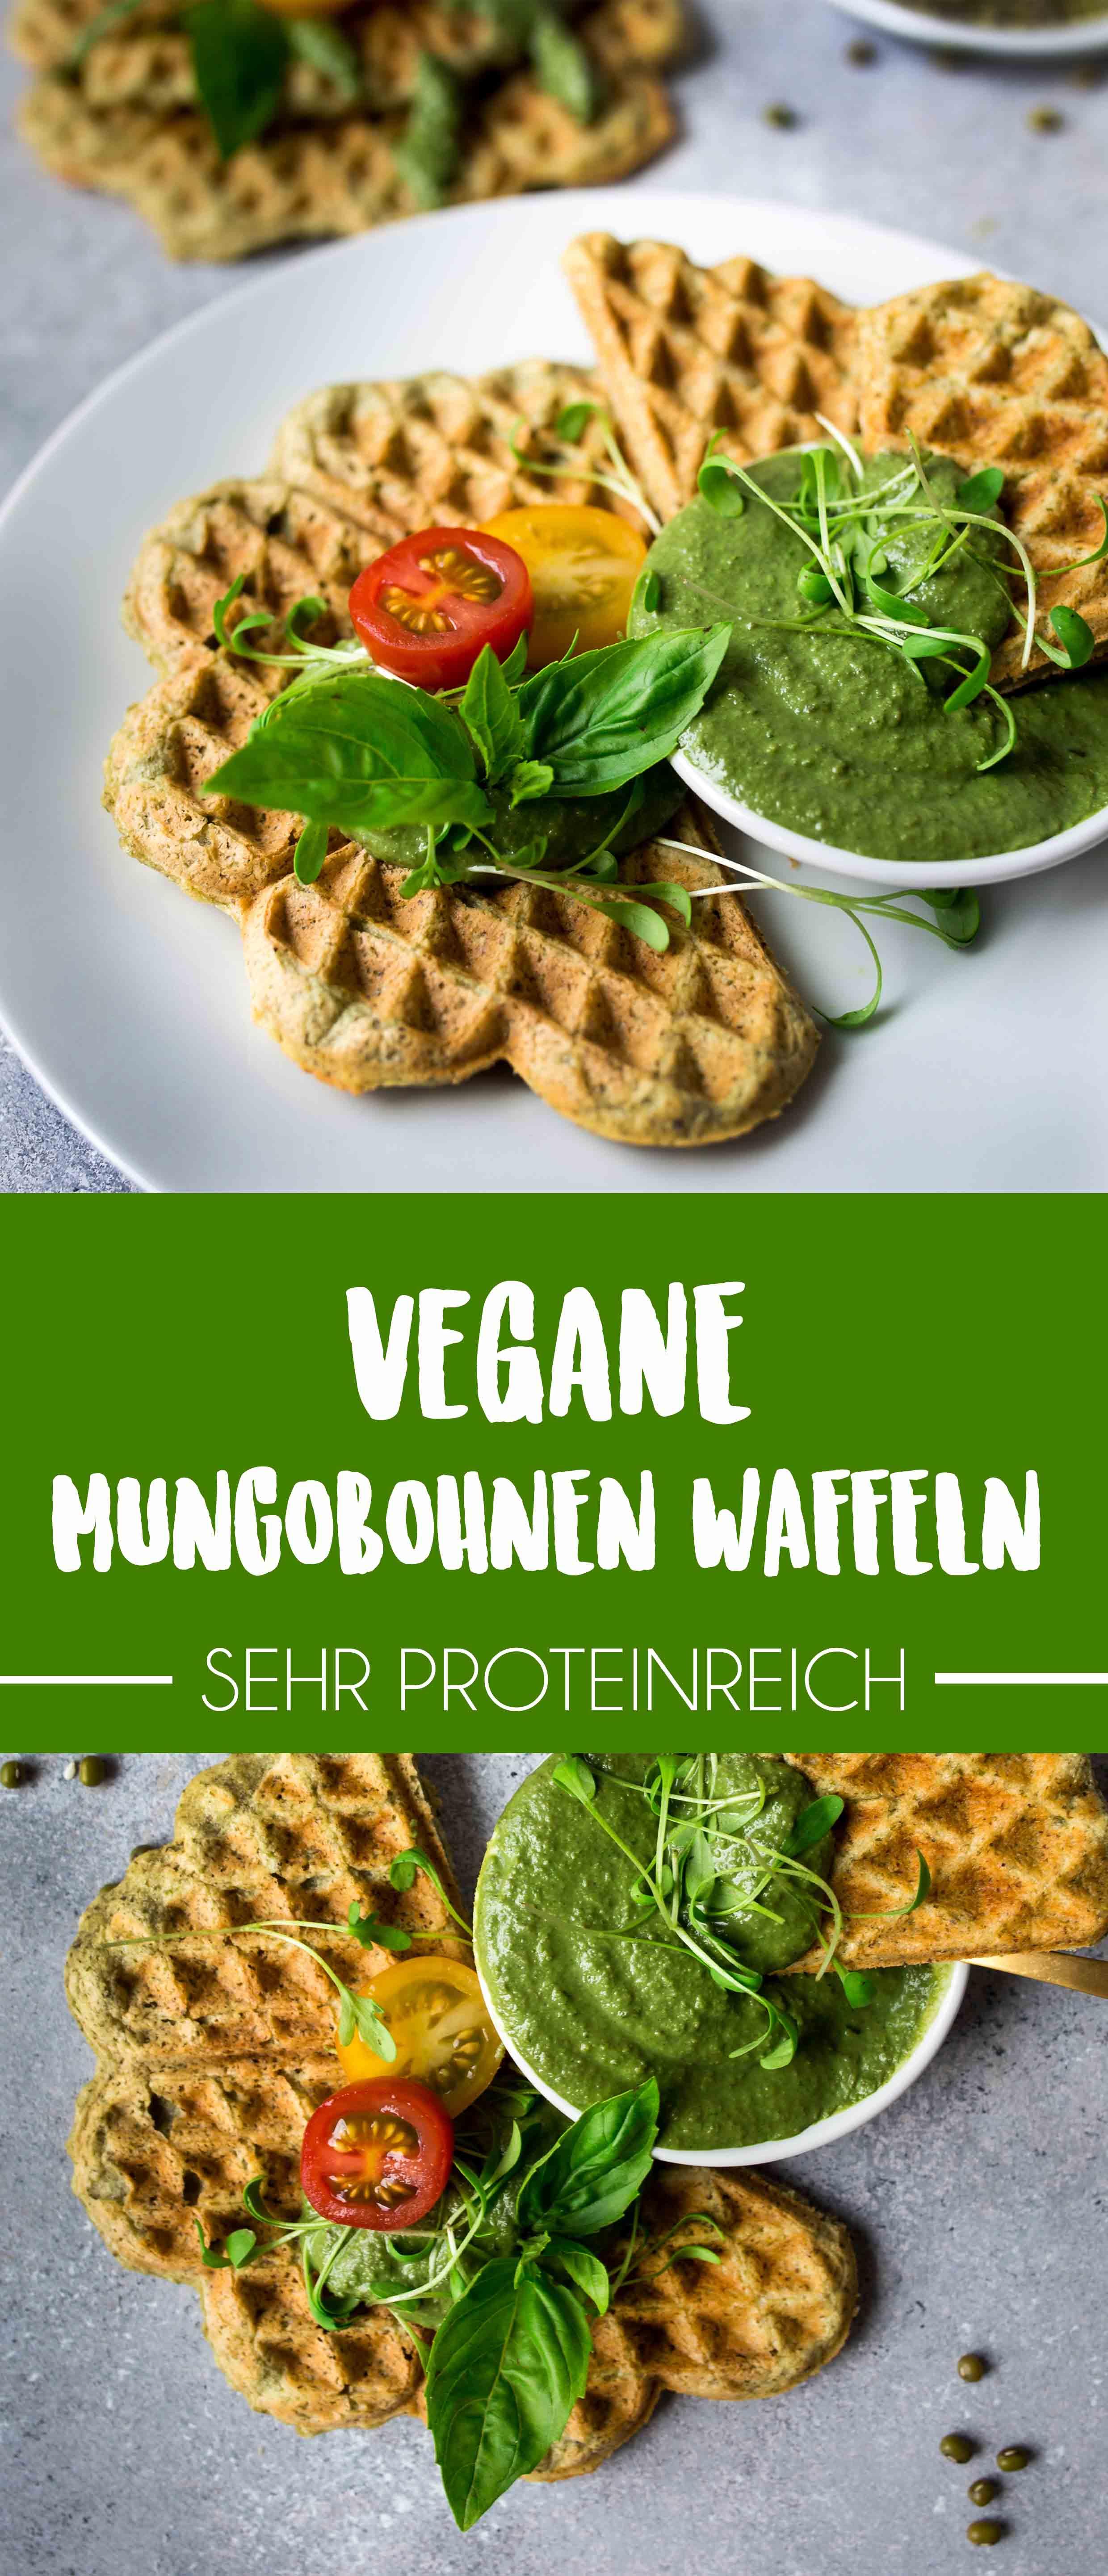 Einfache proteinreiche Mungobohnen Waffeln {vegan und gluten-frei}